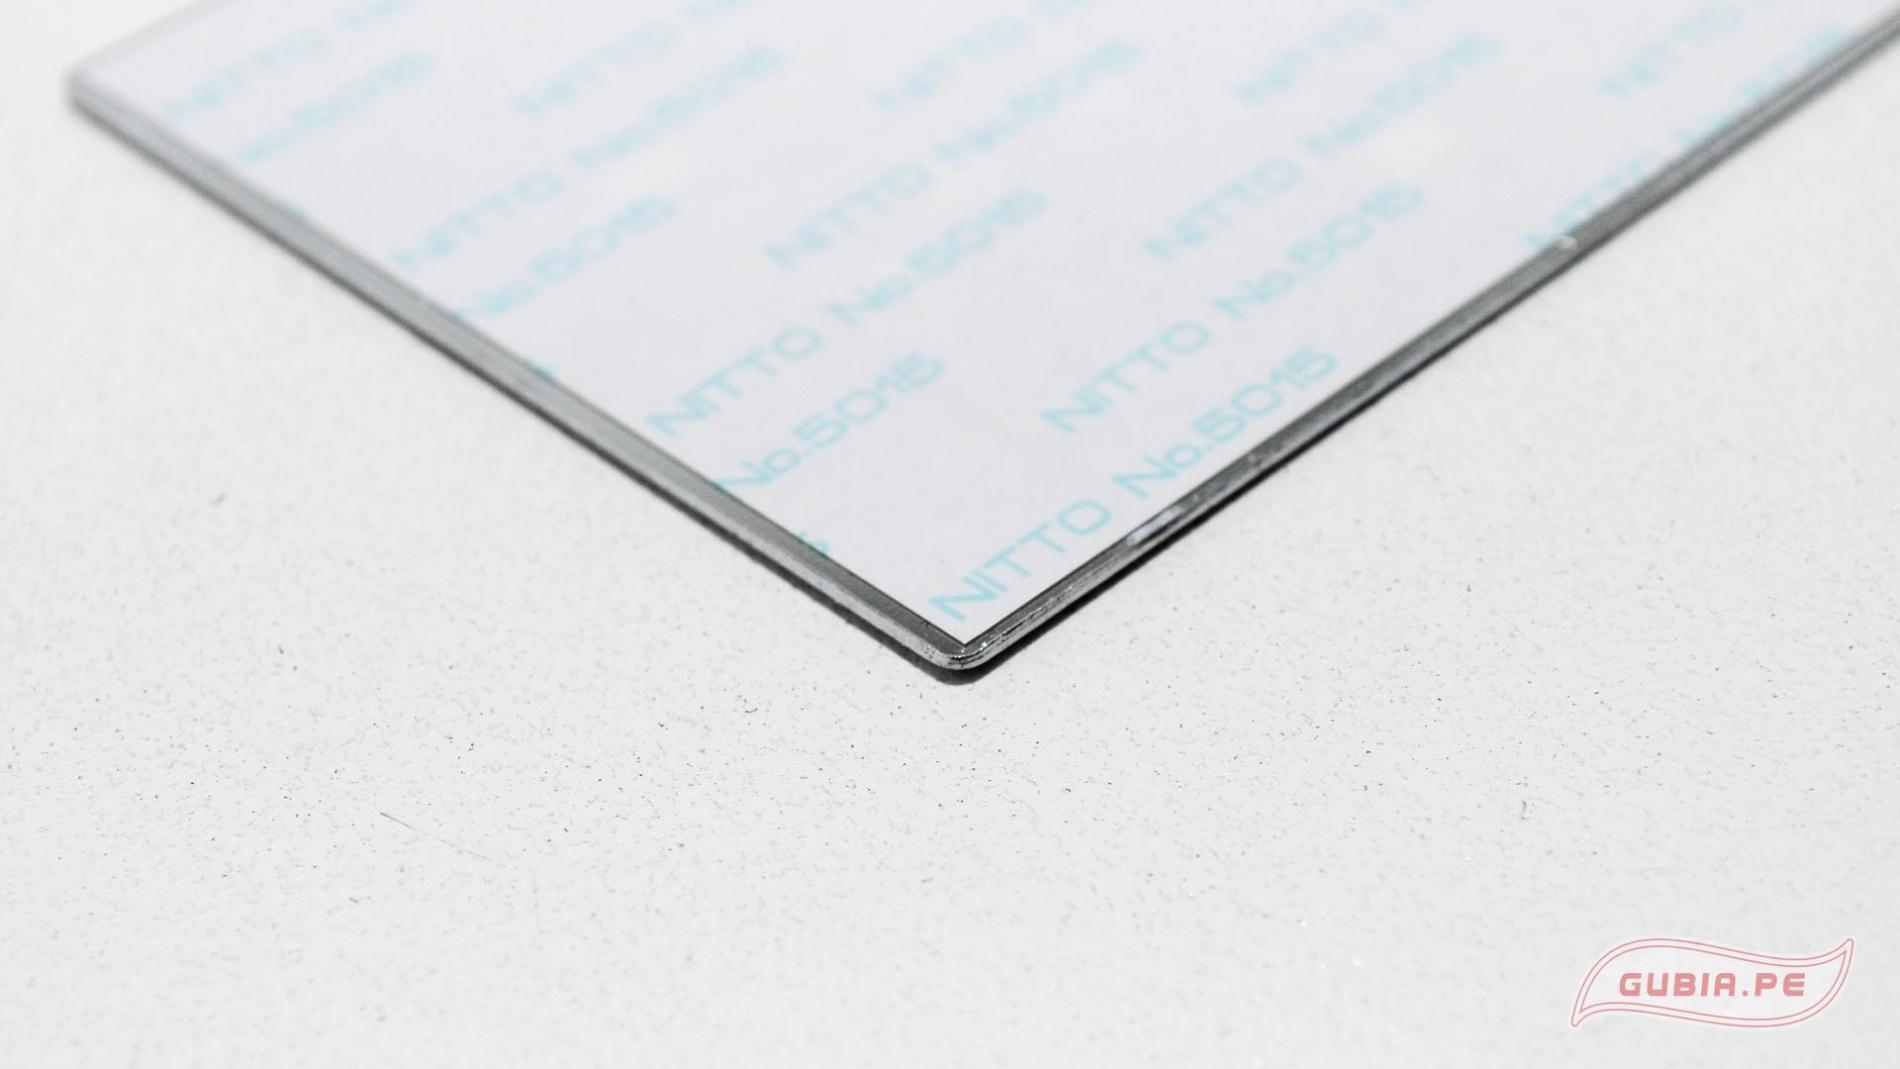 ATM75-1.4C-Placa diamantada inox 210x75x1mm grano 140 Atoma ATM75-1.4C-max-4.